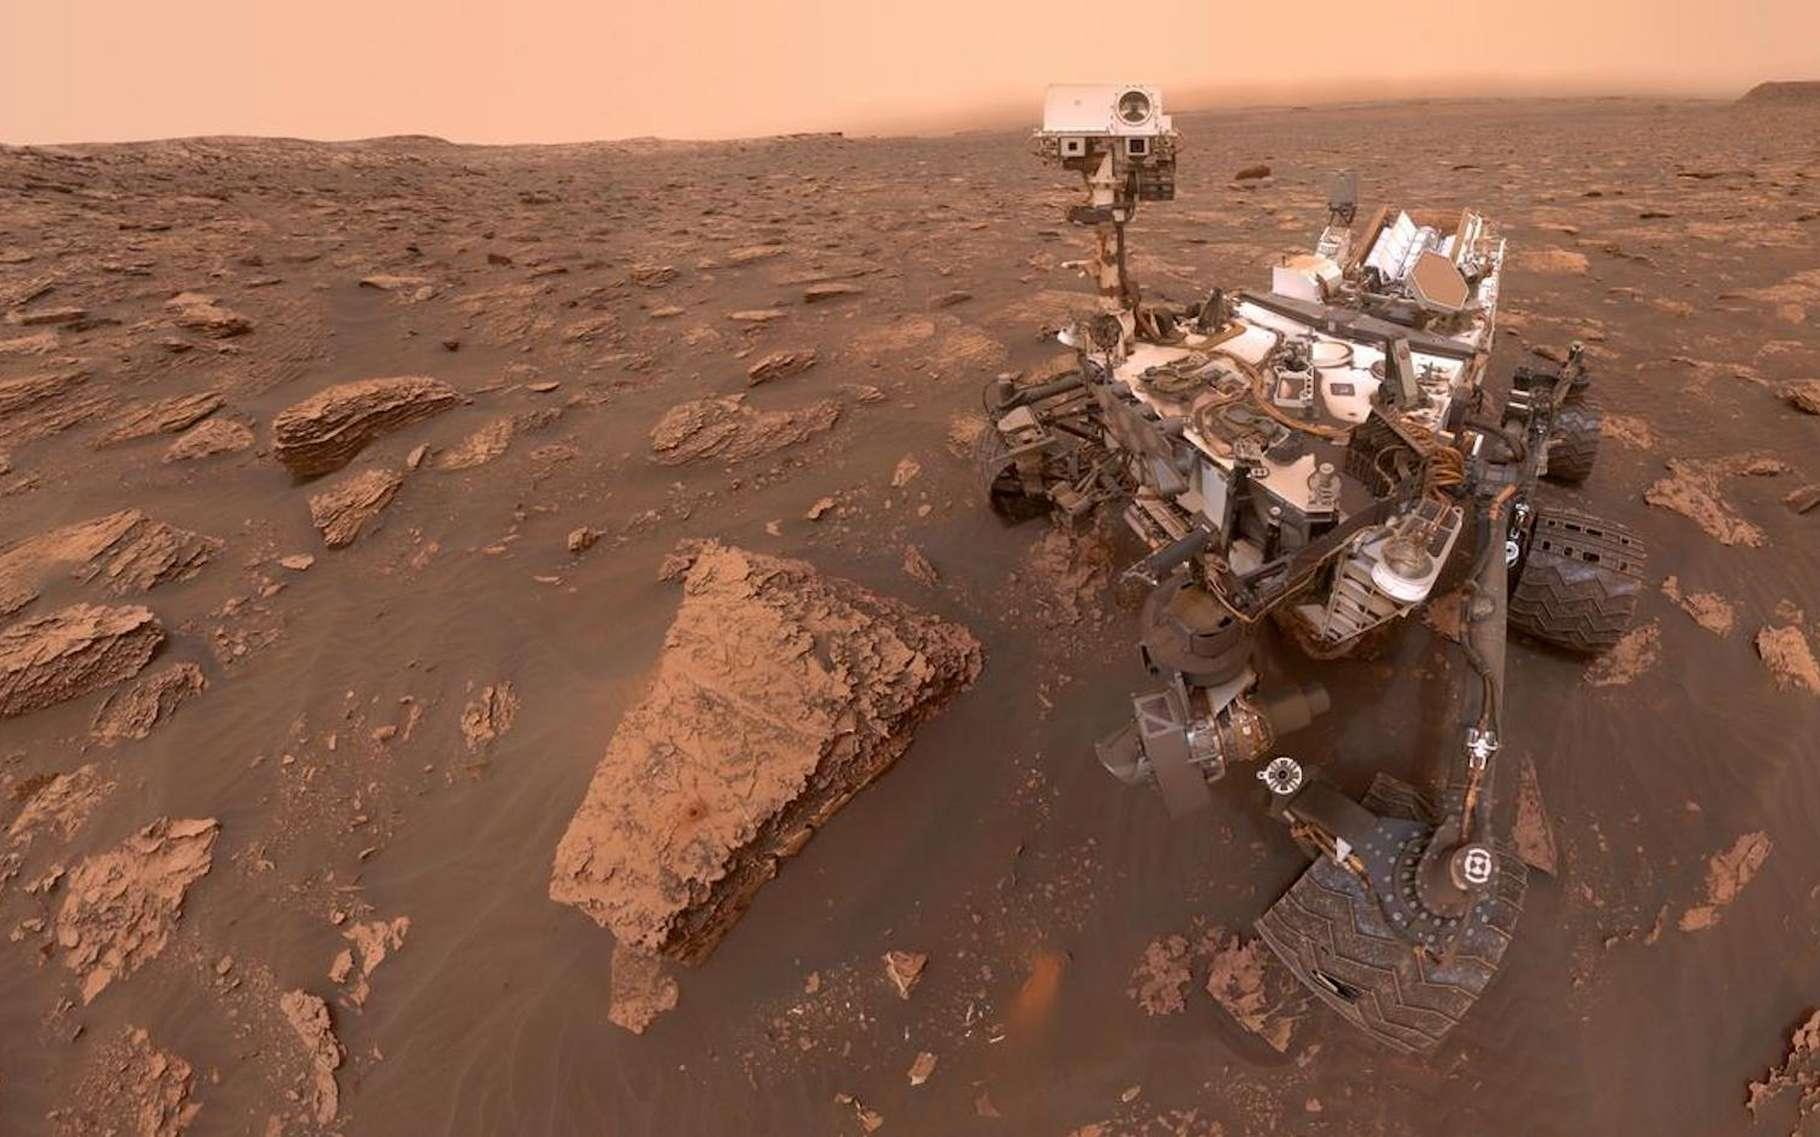 À plusieurs reprises, le rover Curiosity a détecté du méthane (CH4) sur Mars. Mais la sonde Trace Gas Orbiter n'a jamais pu confirmer les mesures. Les chercheurs de la Nasa proposent aujourd'hui enfin une explication. © Nasa, JPL Caltech, MSSS